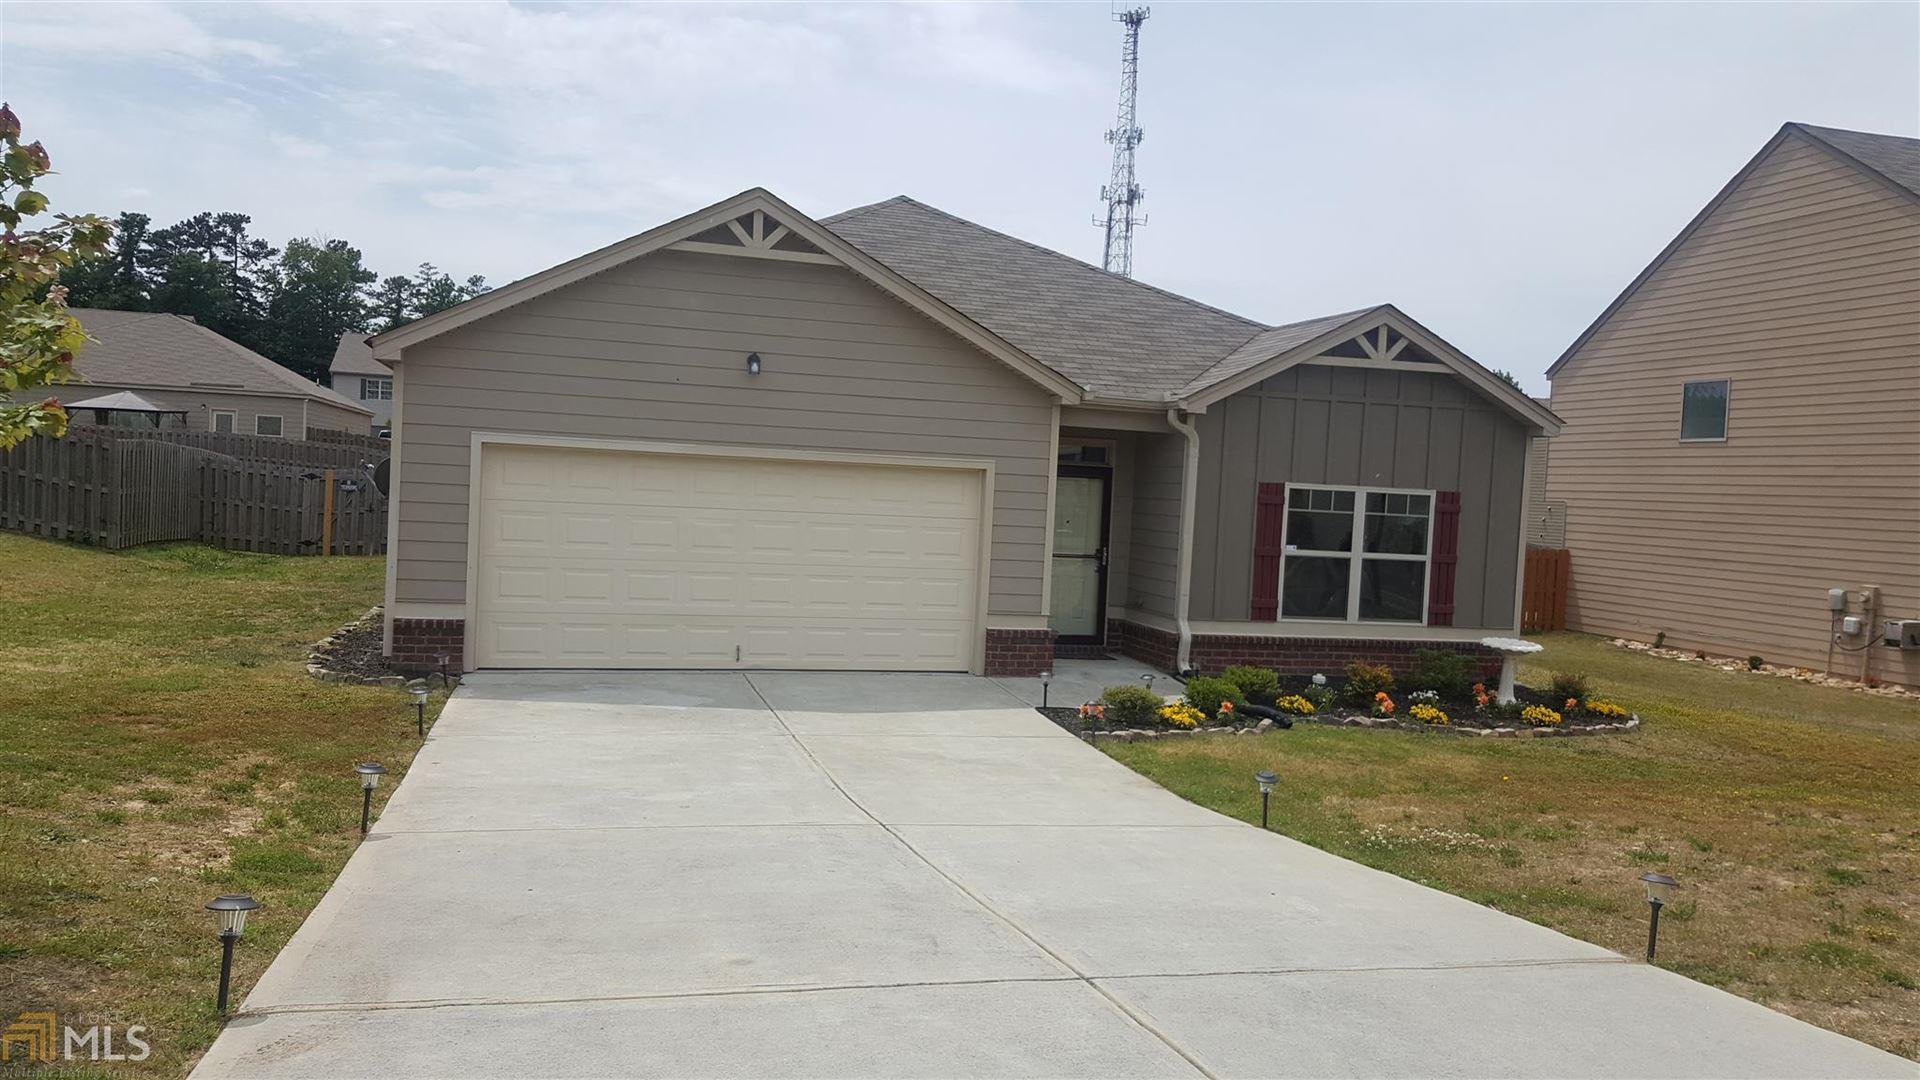 8582 Braylen Manor Dr, Douglasville, GA 30134 - #: 8785379